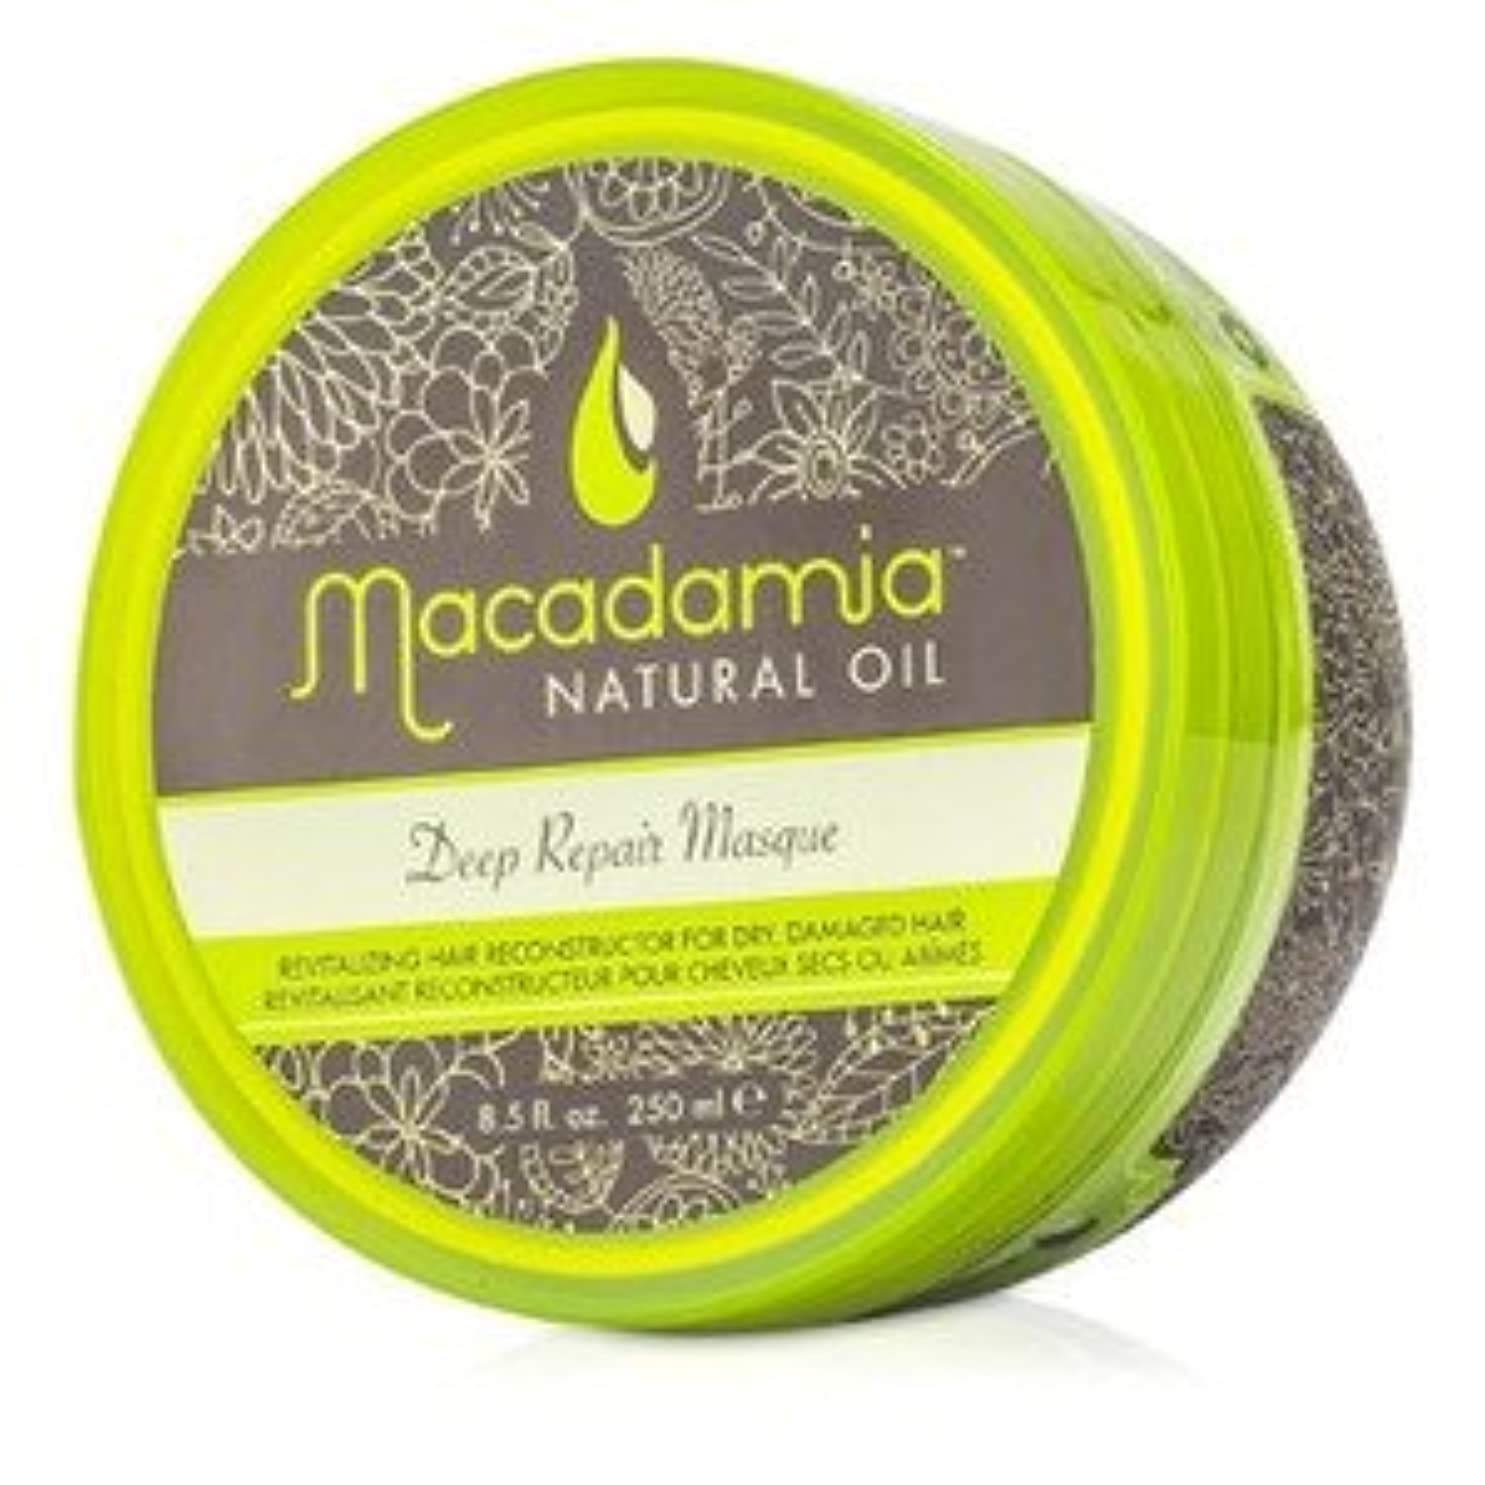 インデックス砦吐き出すマカダミア ナチュラルオイル(Macadamia NATURAL OIL) ディープリペアマスク(ドライ、ダメージヘア) 250ml/8.5oz [並行輸入品]